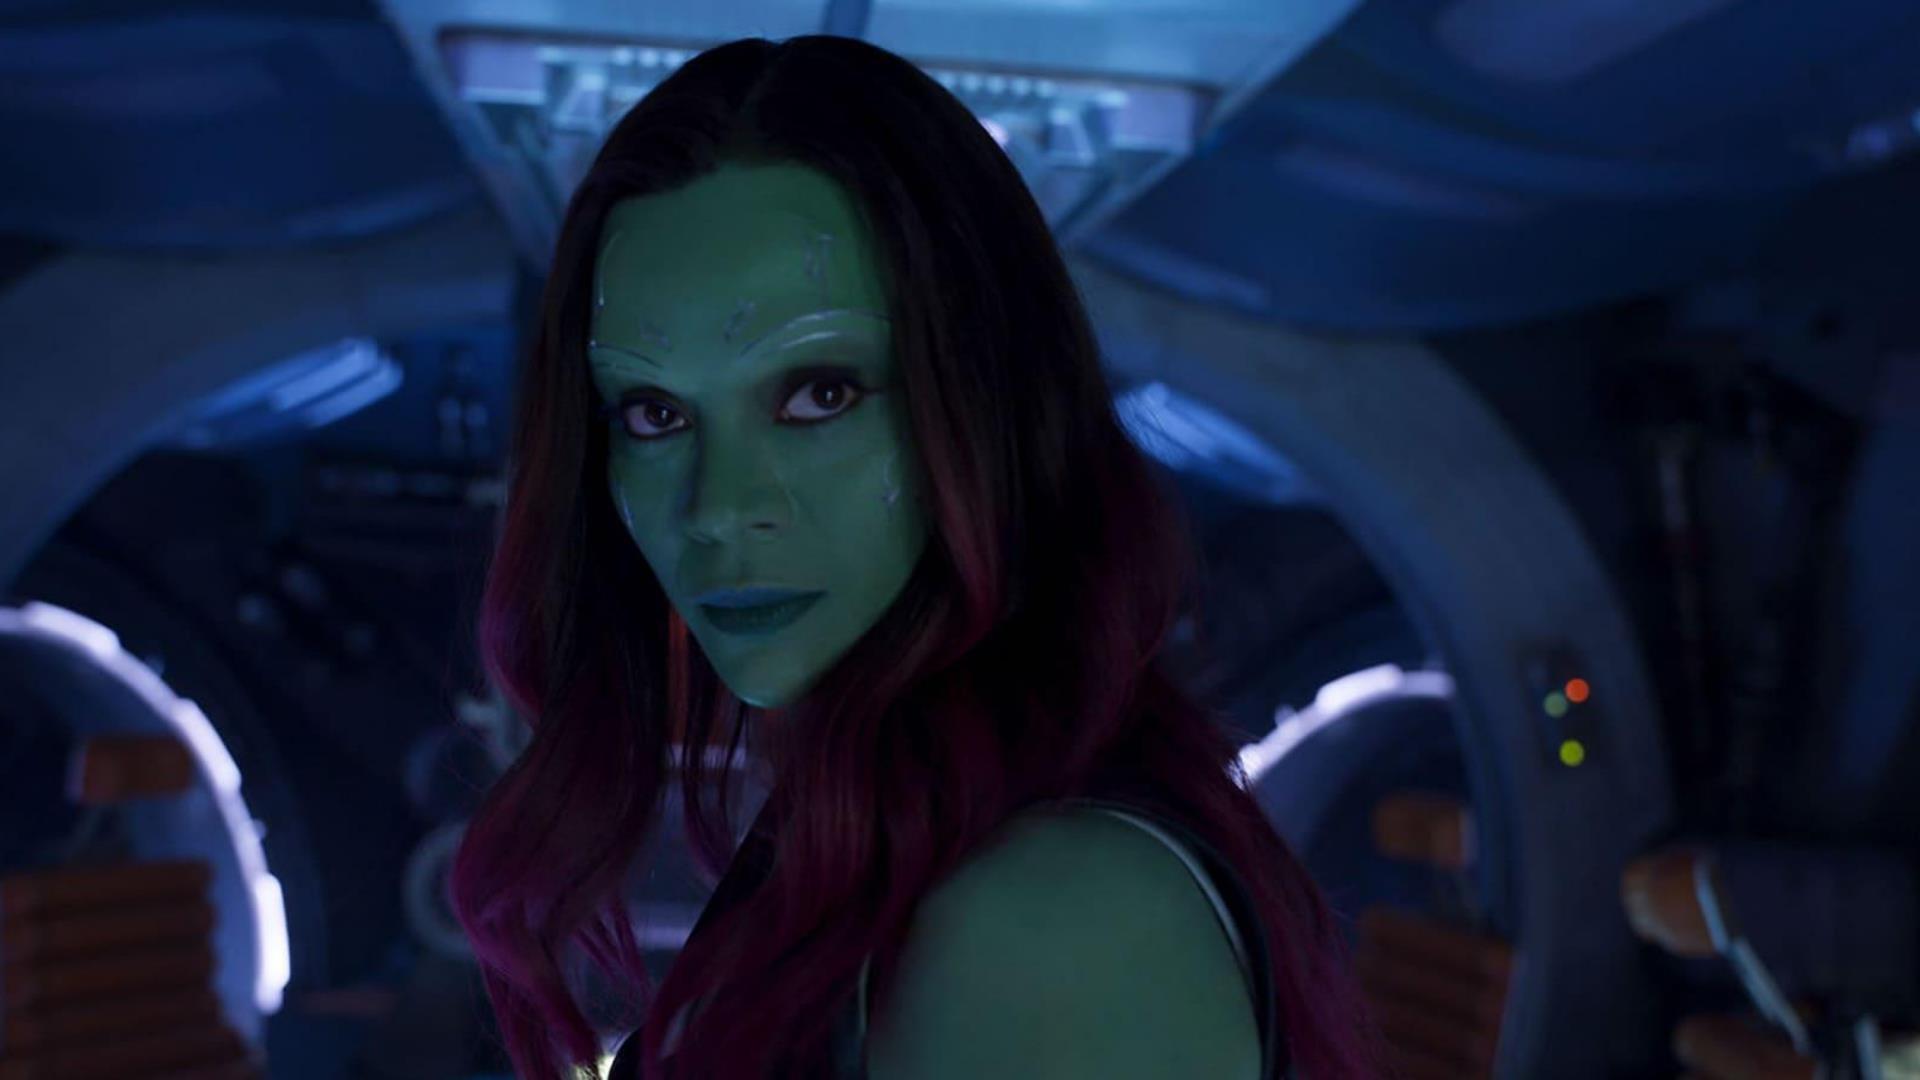 Cos'è successo a Gamora dopo Endgame? E perché non è svanita con Thanos?